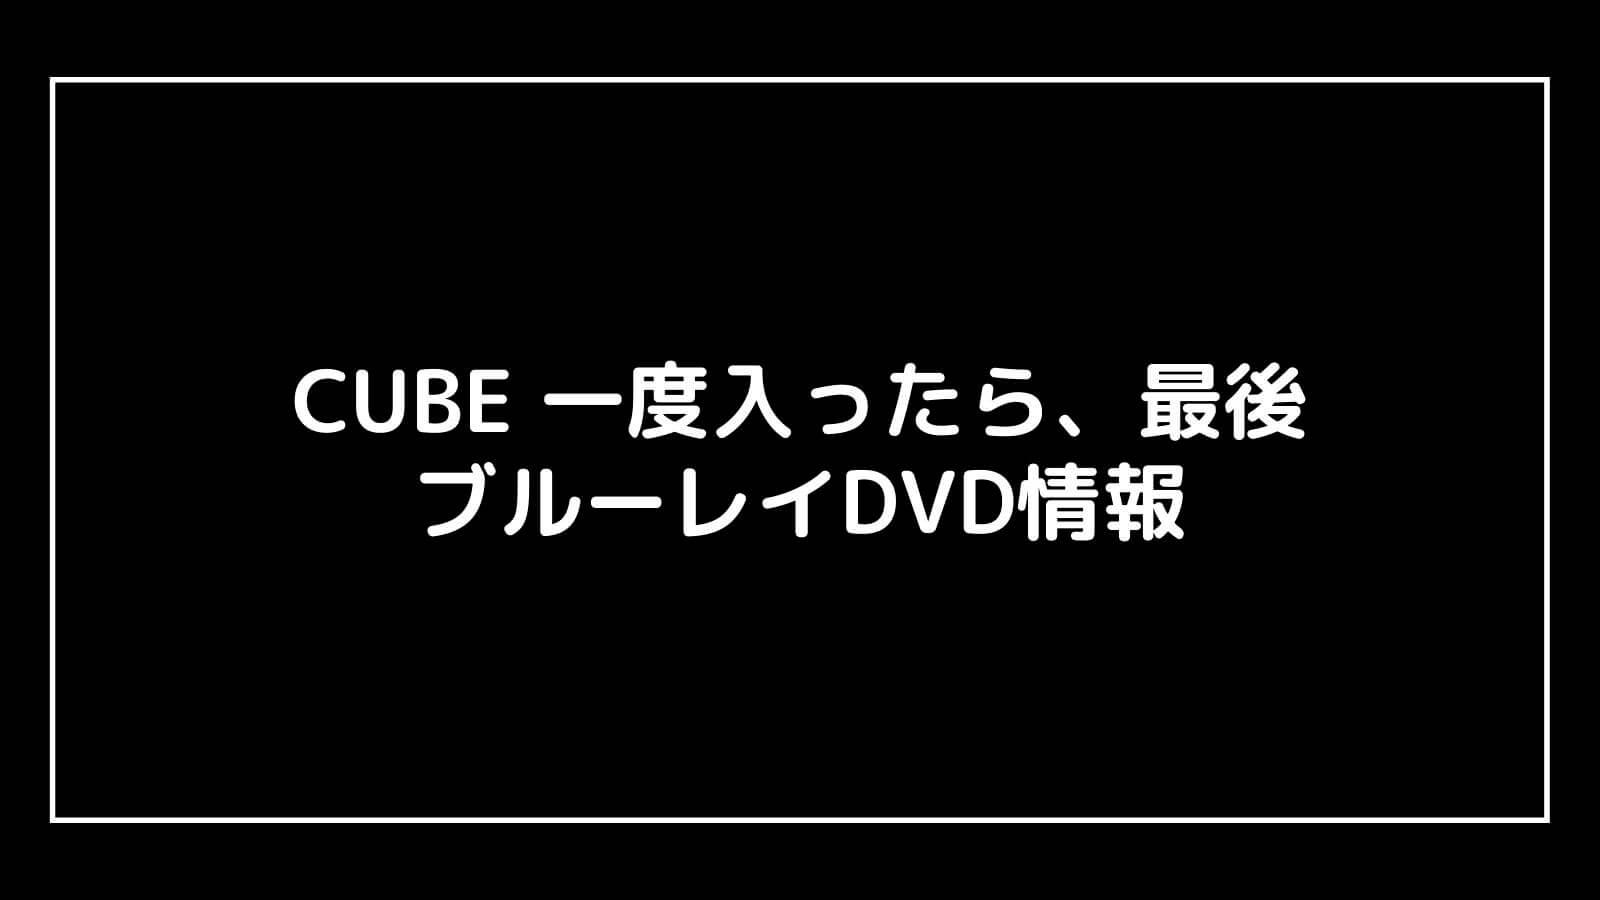 映画『CUBE キューブ 一度入ったら、最後』のDVD発売日と予約開始日はいつから?円盤情報まとめ